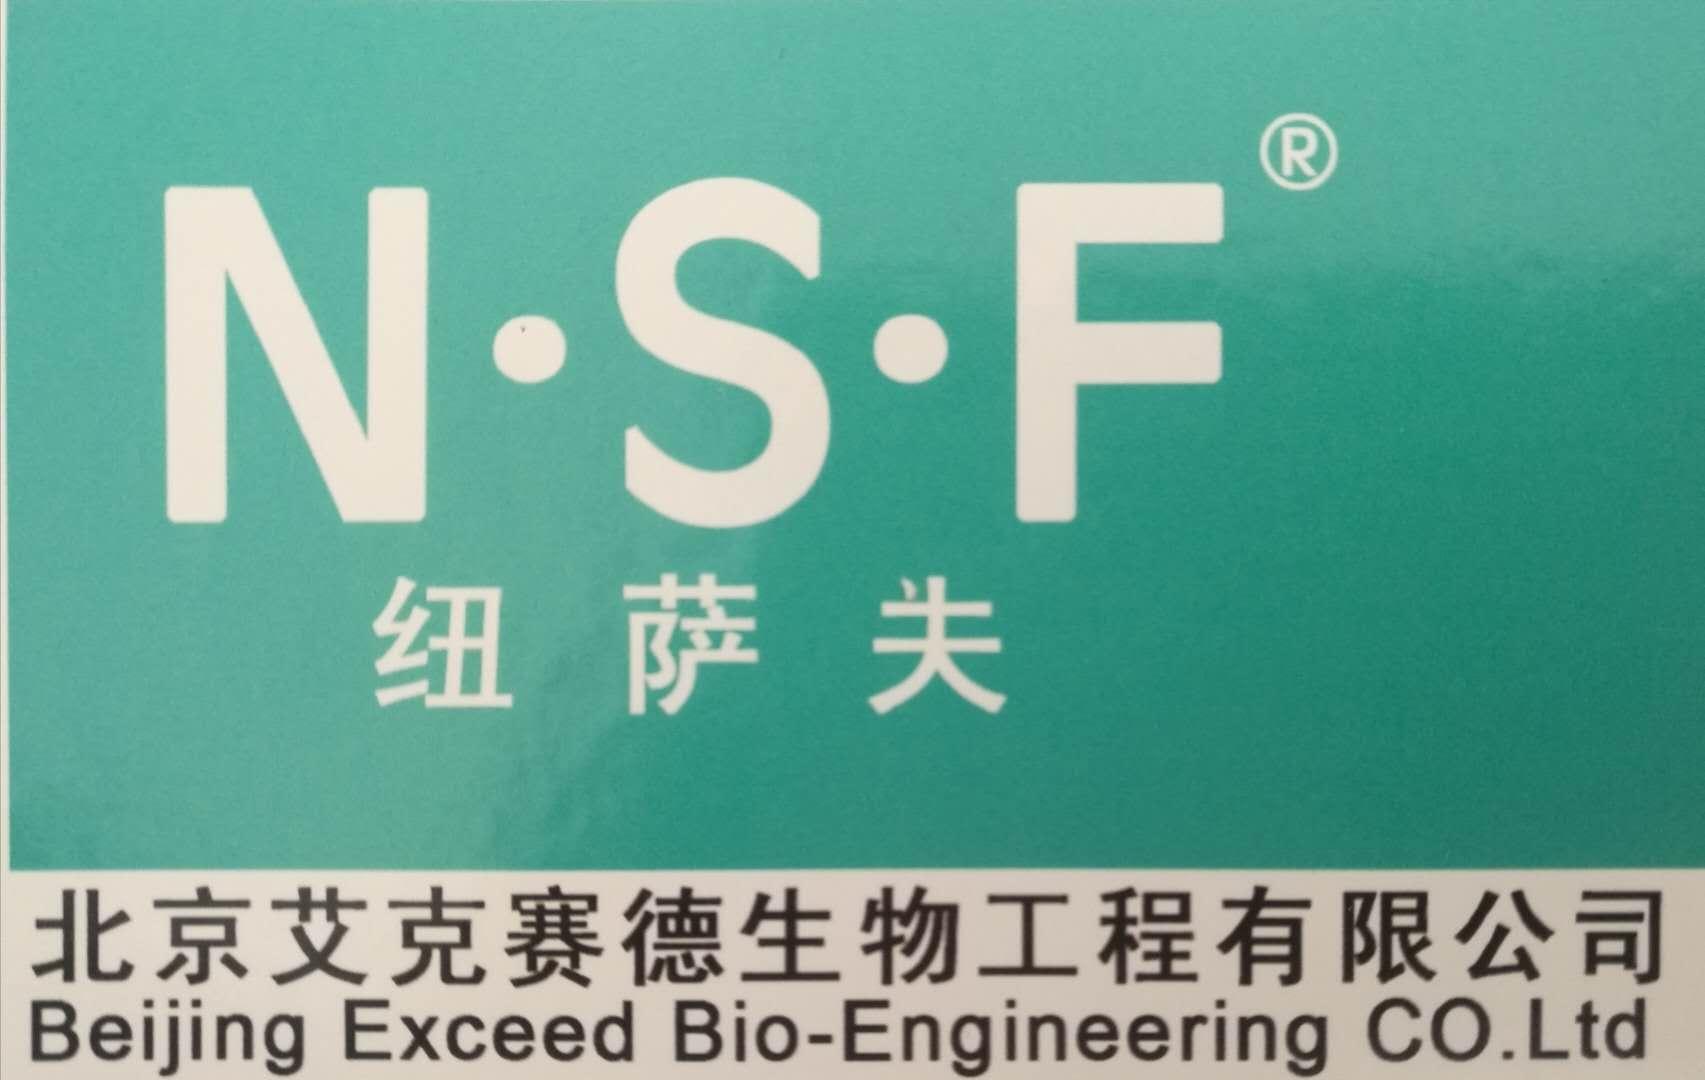 北京艾克赛德生物工程有限公司